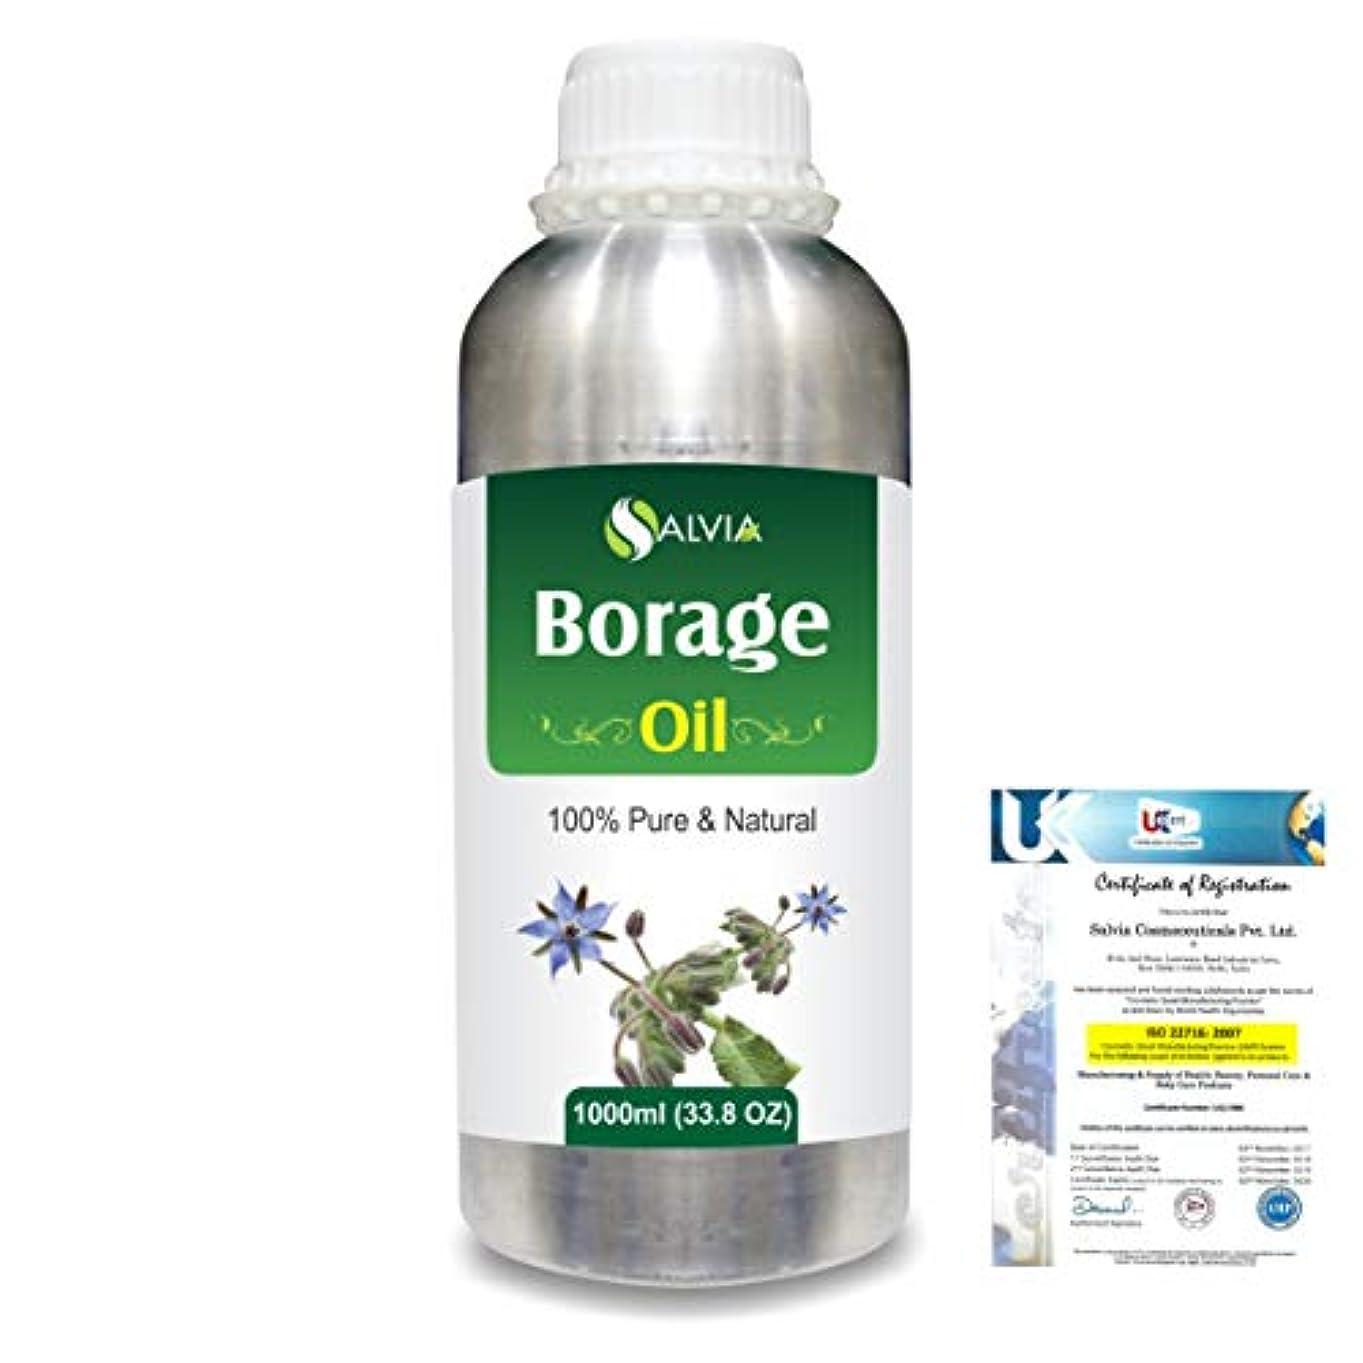 エレベーターテクニカル一貫性のないBorage (Borago officinalis) Natural Pure Undiluted Uncut Carrier Oil 1000ml/33.8 fl.oz.